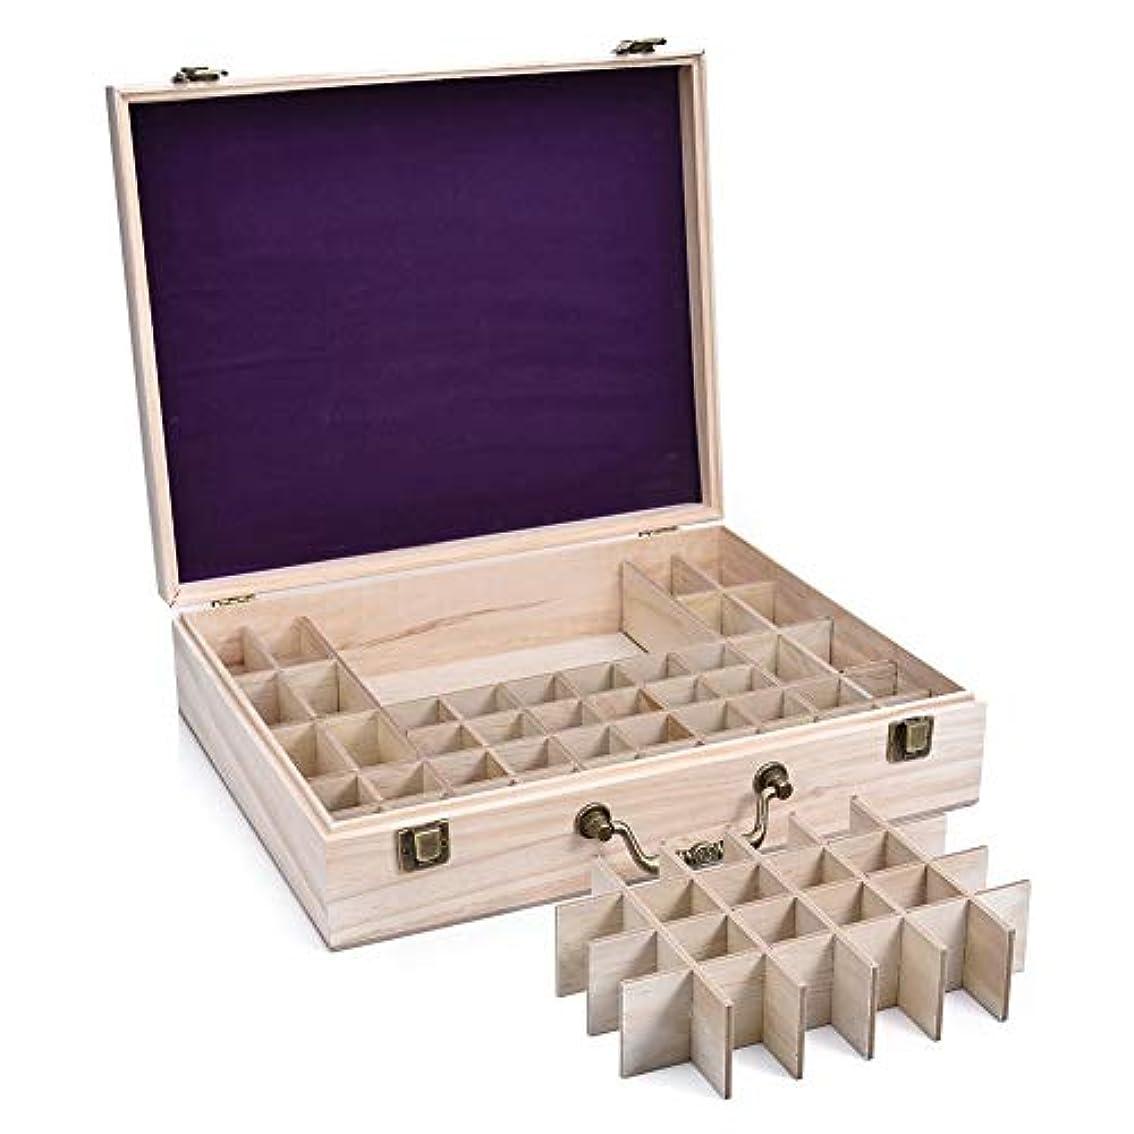 フレキシブルふける中絶エッセンシャルオイル収納ケース 精油収納ボックス 大容量 68本収納可能 取り外し可能 木製 環境に優しい 5ml?10ml?15ml?115mlの精油ボルトに対応 junexi